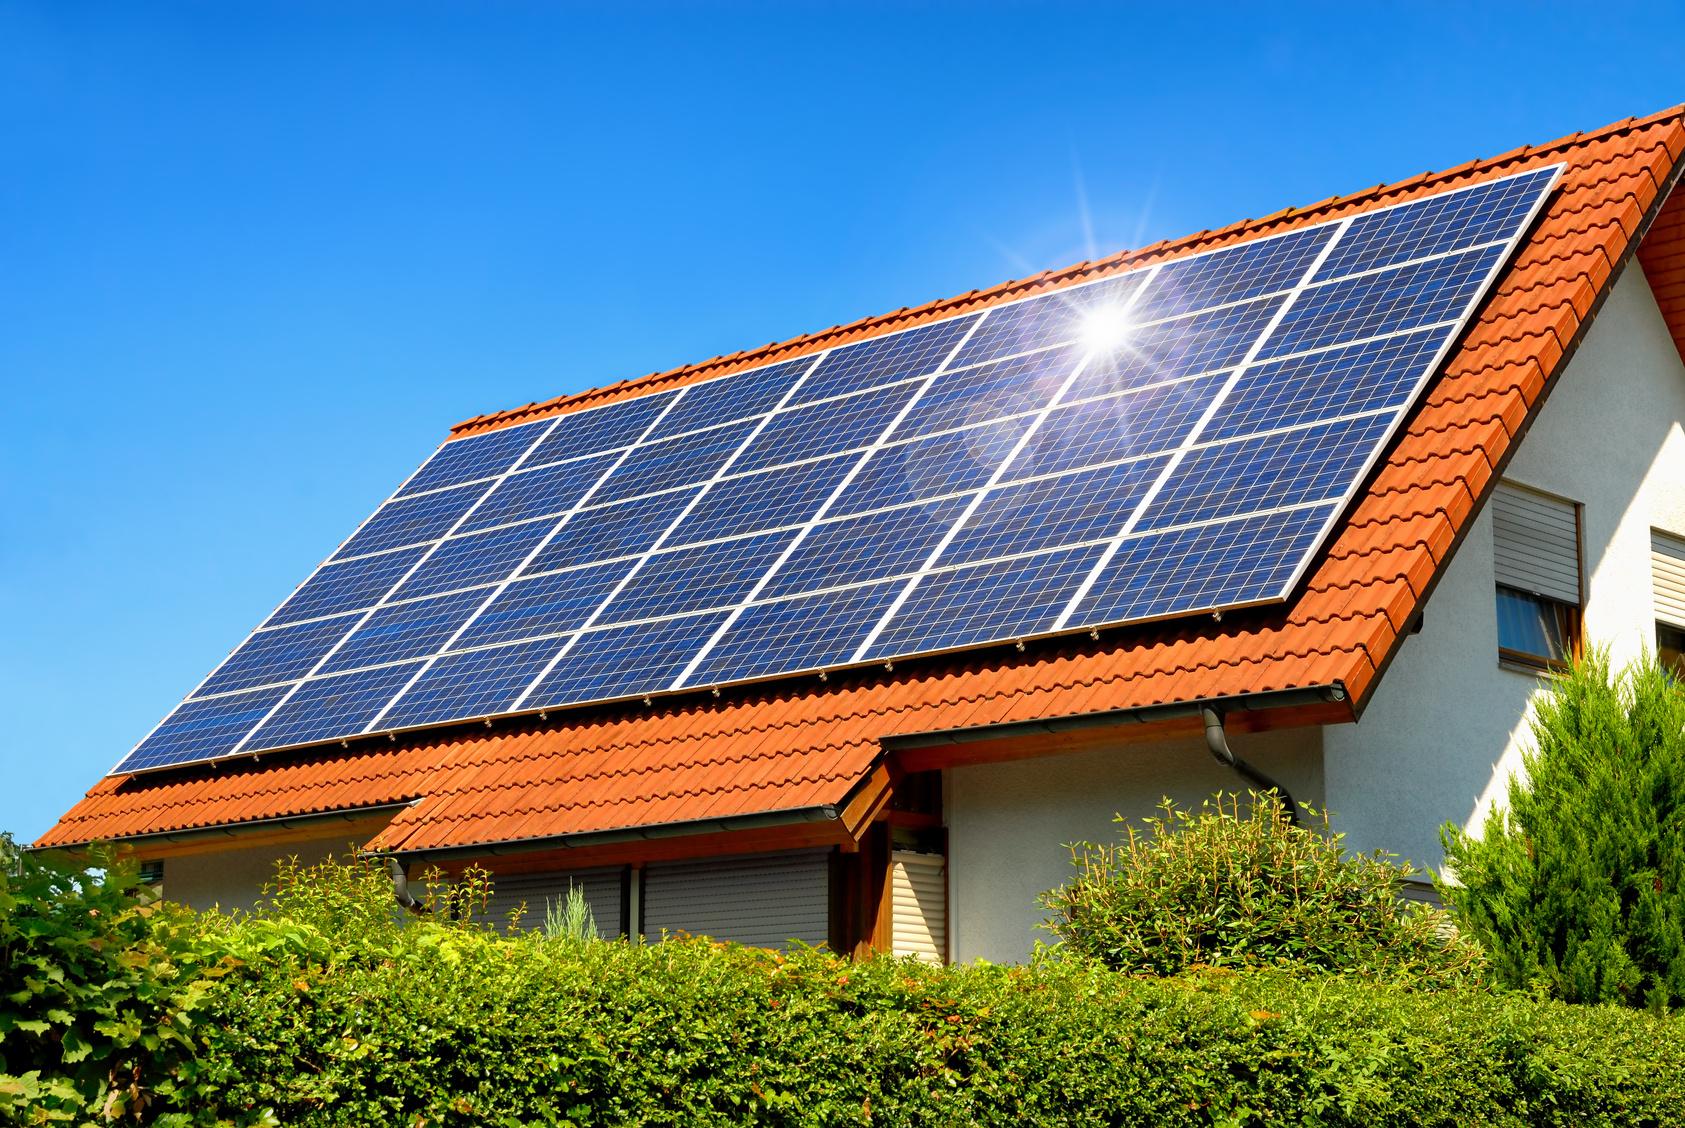 Scambio sul posto e fotovoltaico